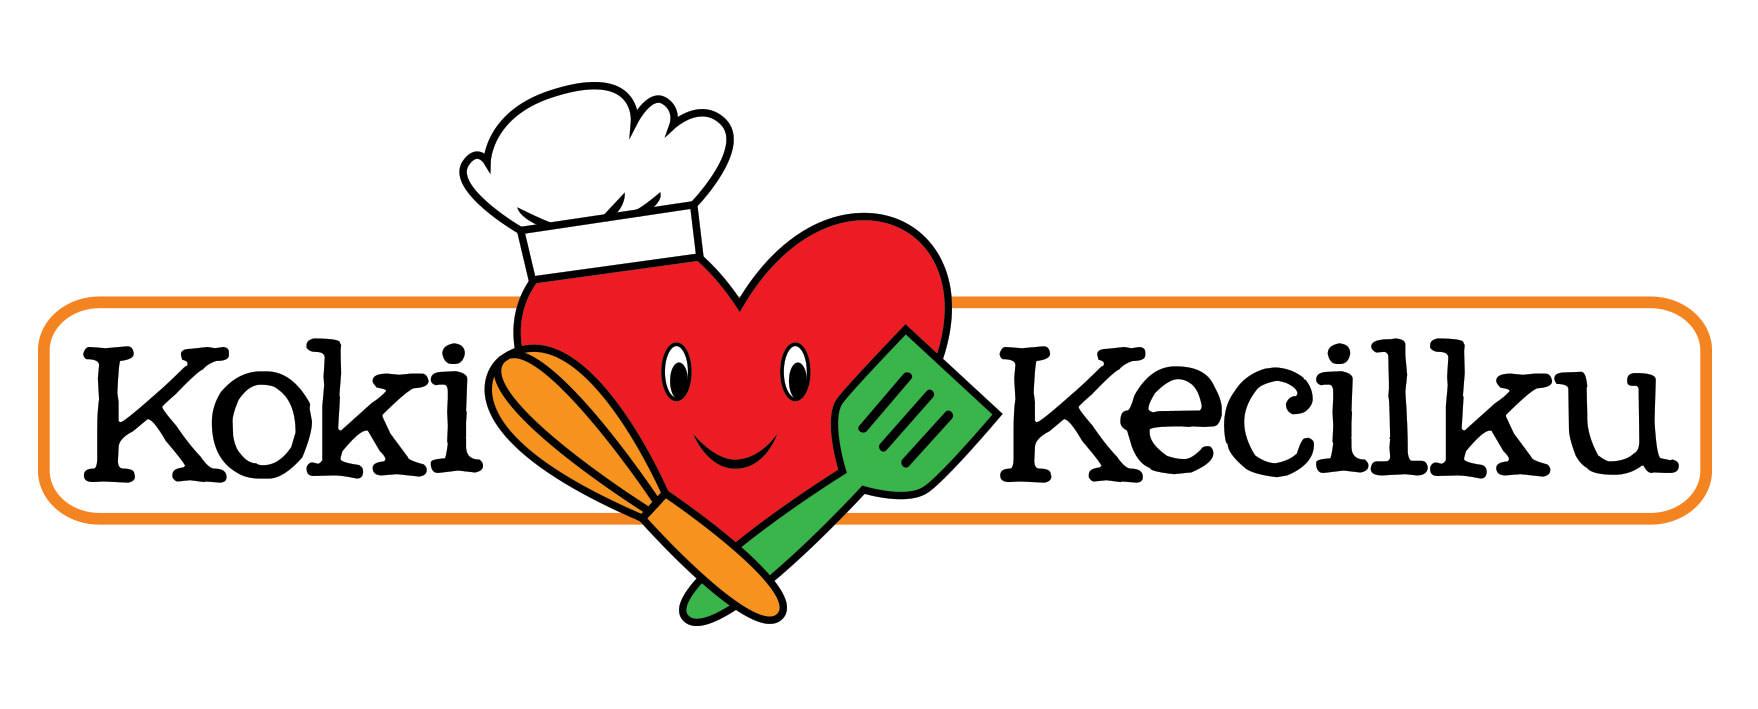 Logo Welcome to kokikecilku Careers Page